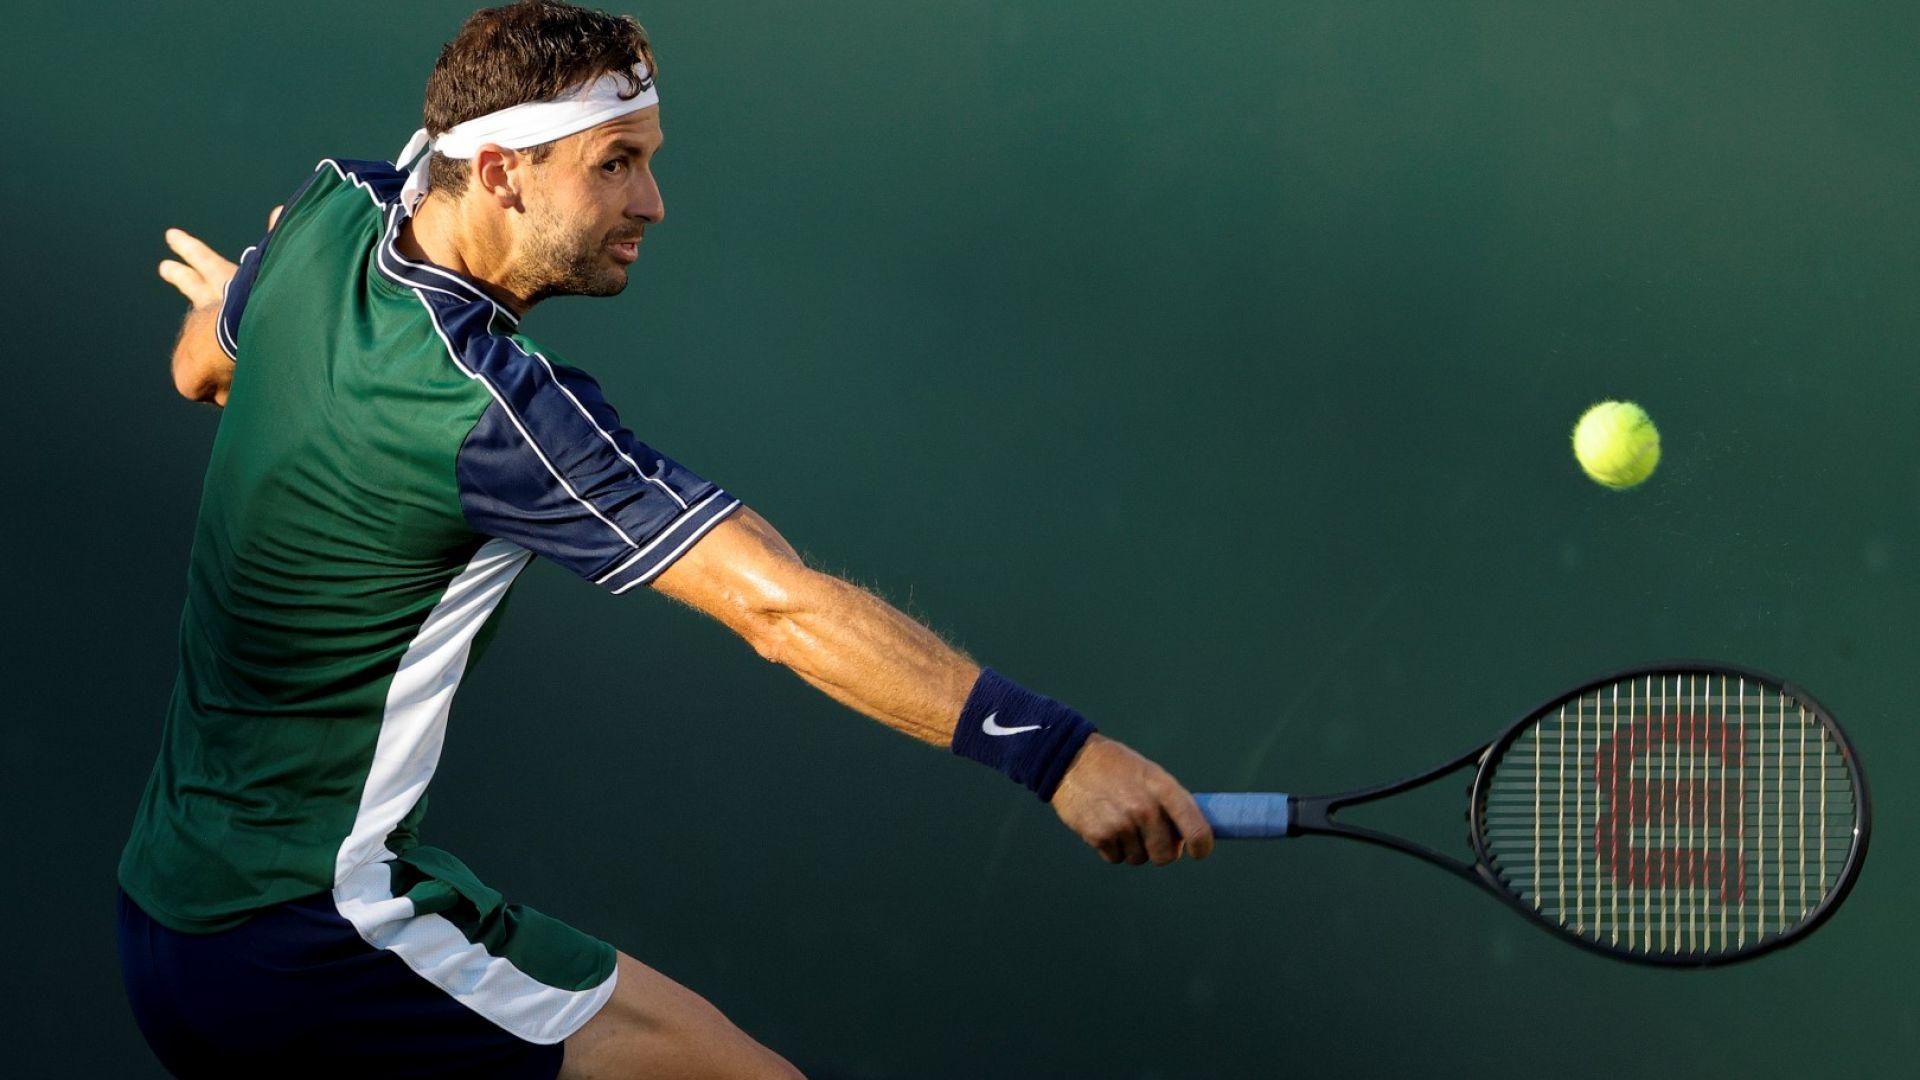 Победа след сет за учебниците по тенис от Григор Димитров в Индиън Уелс